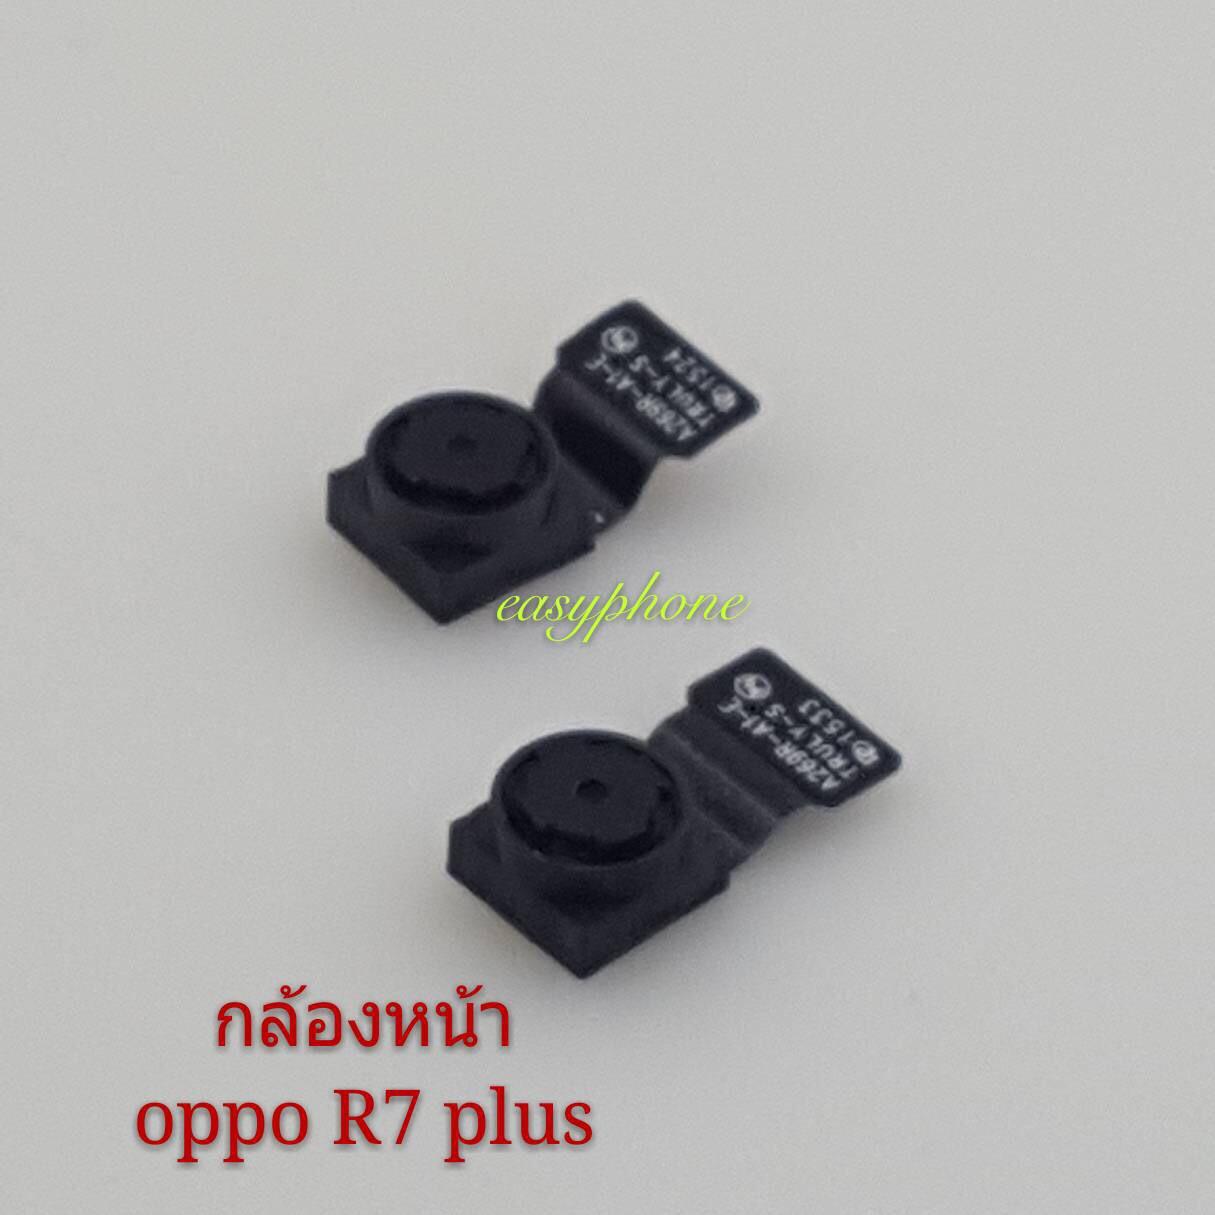 สายแพรกล้องหน้า OPPO R7 Plus